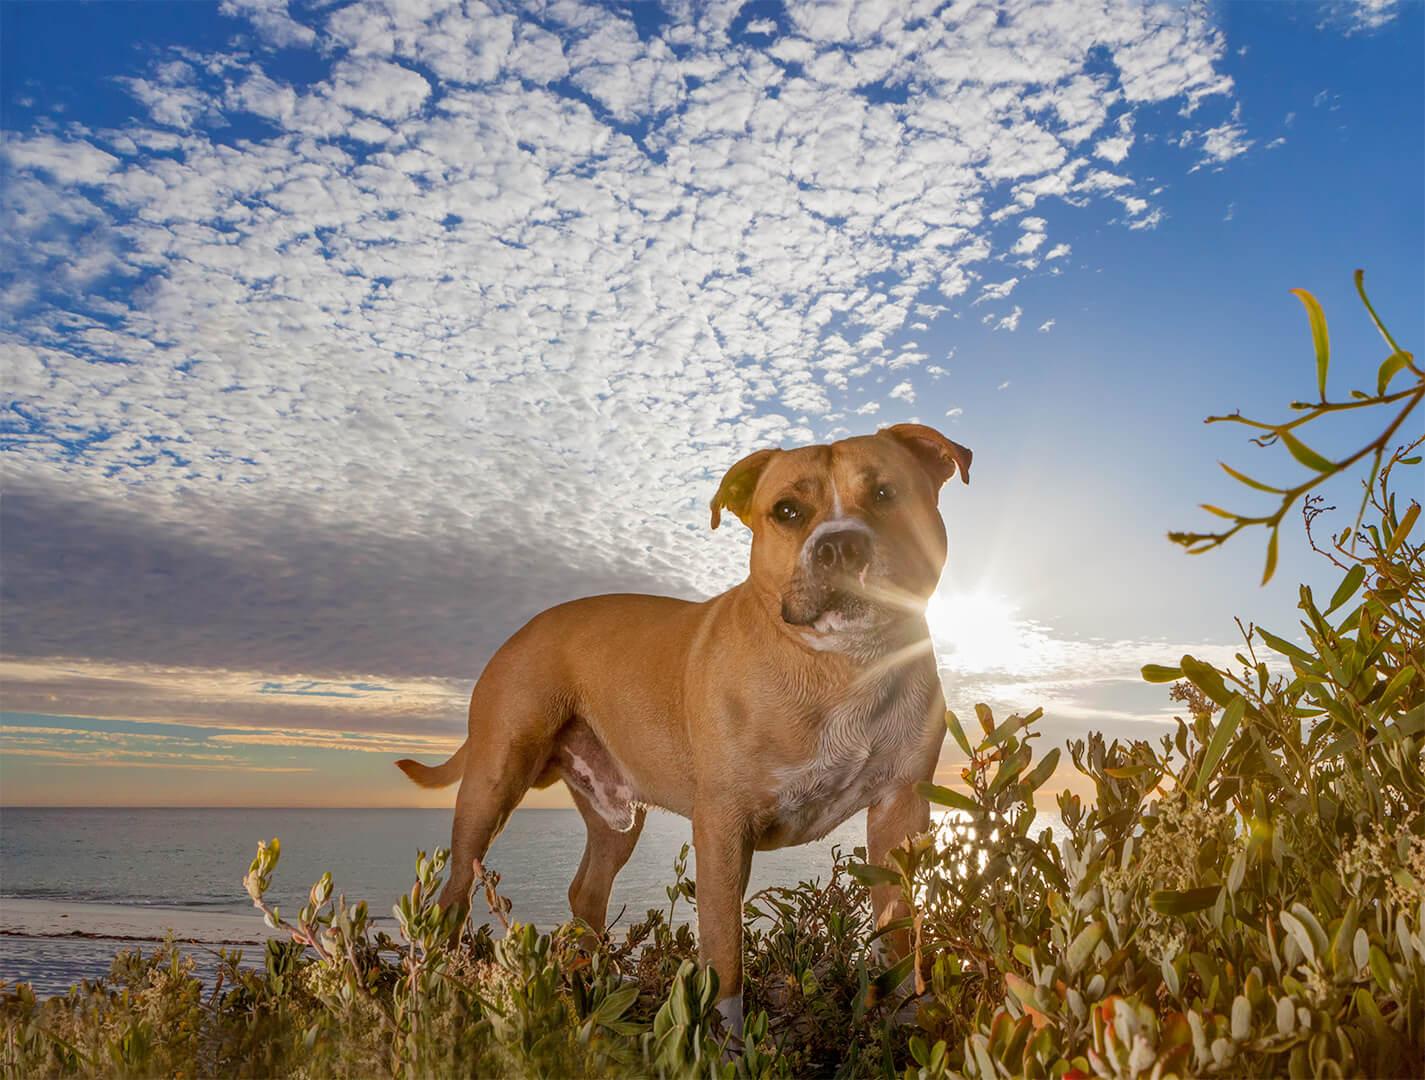 IMG_2552-beach dog photos.jpg